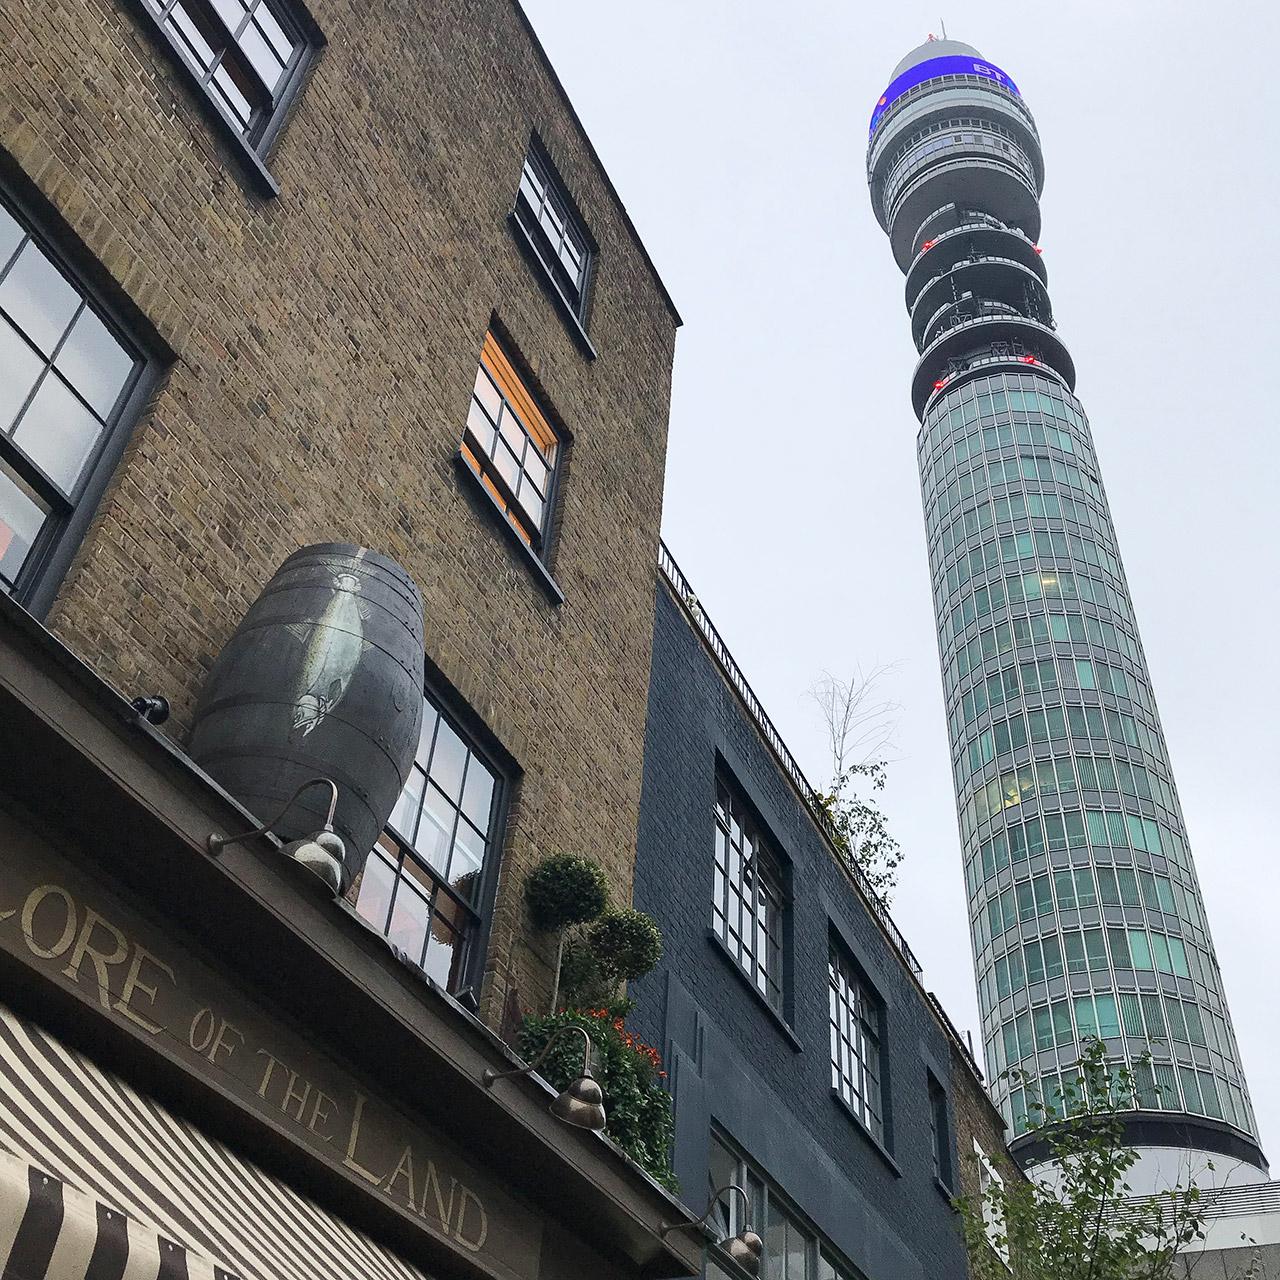 BT(テレコム)タワー